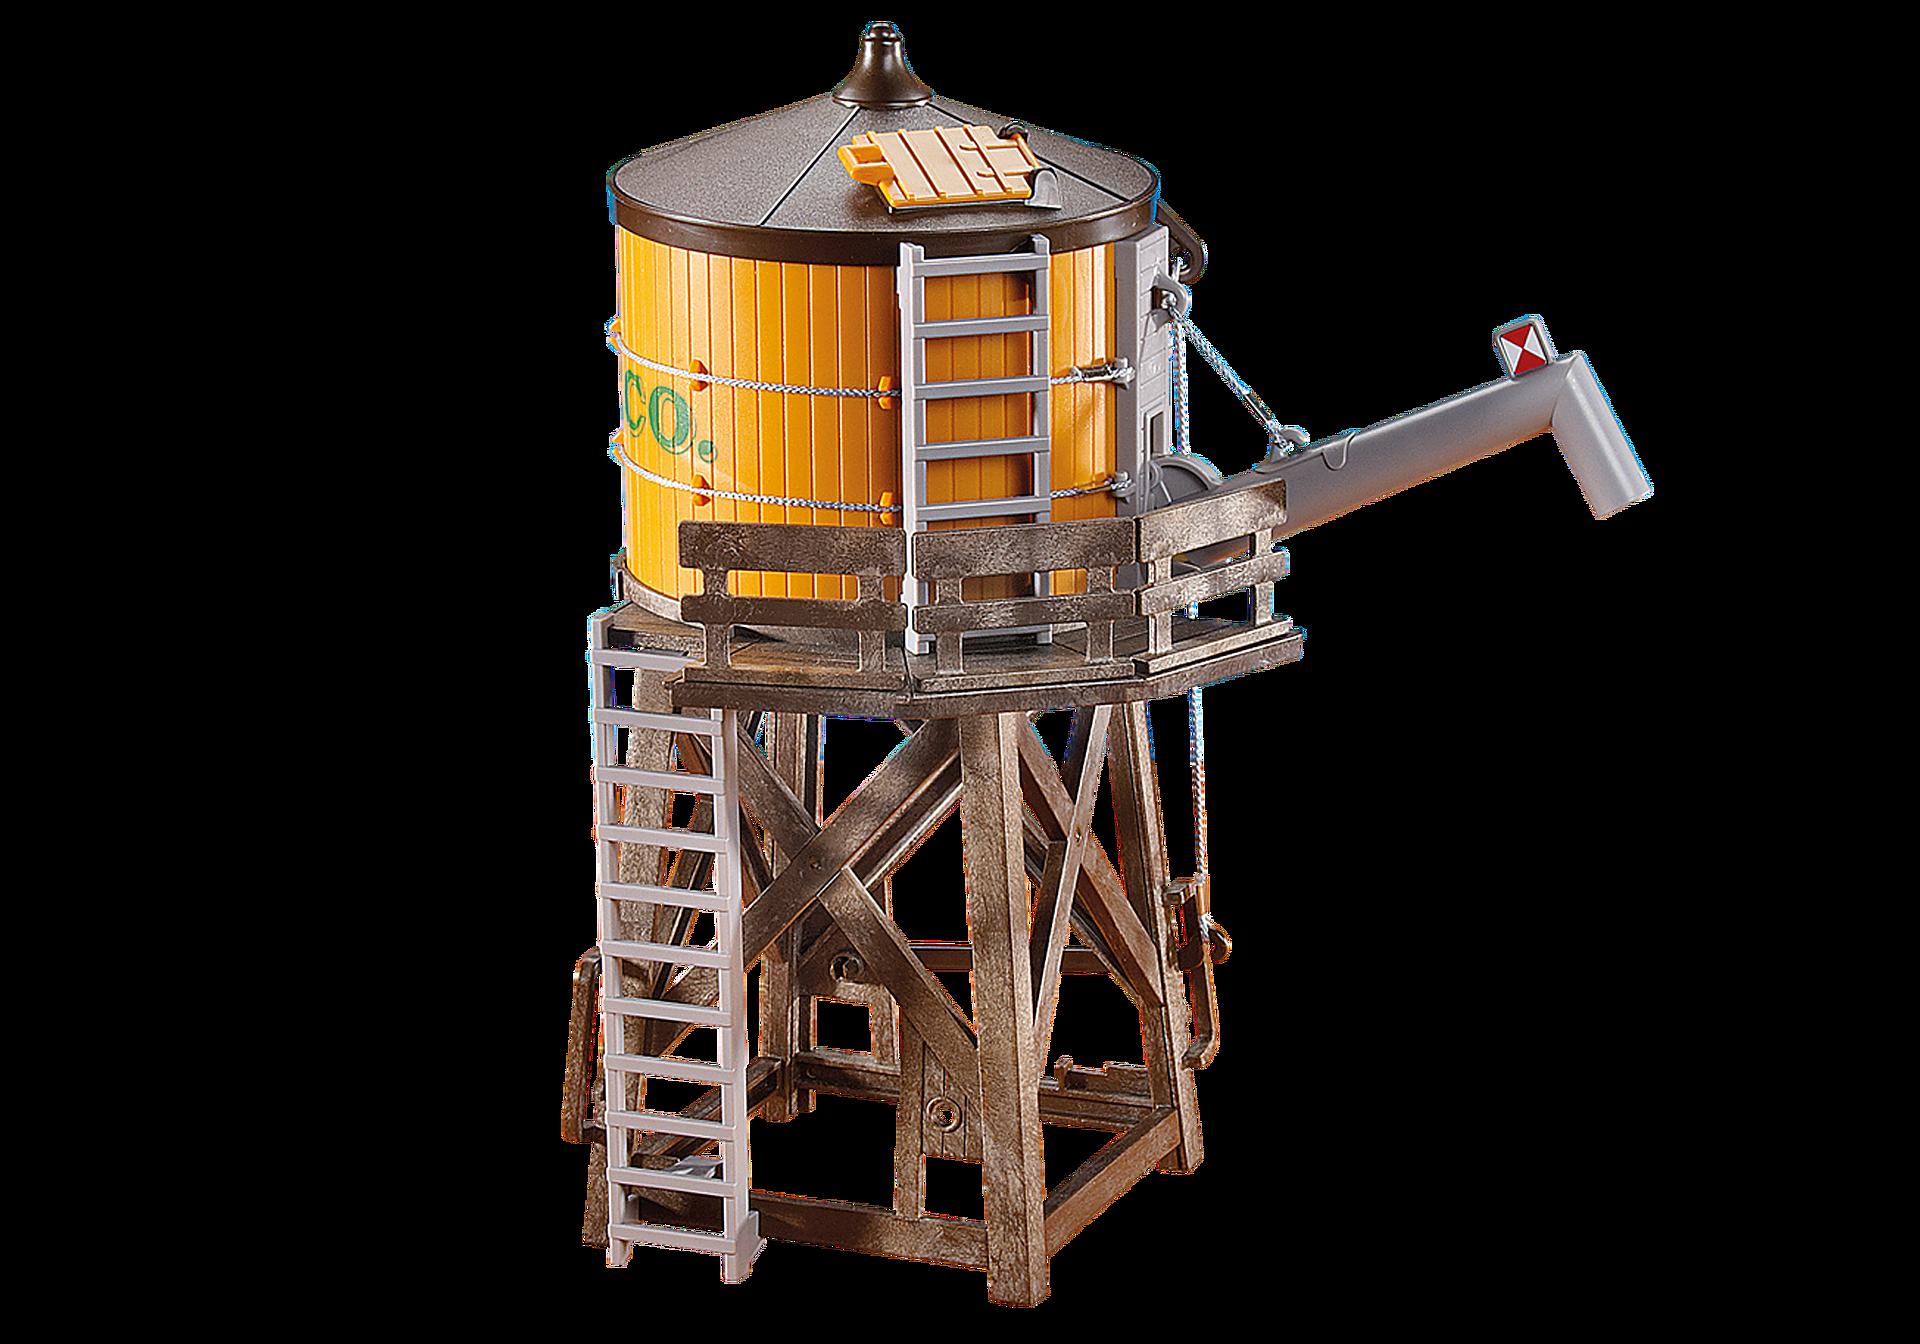 6215 Großer Wasserturm zoom image1